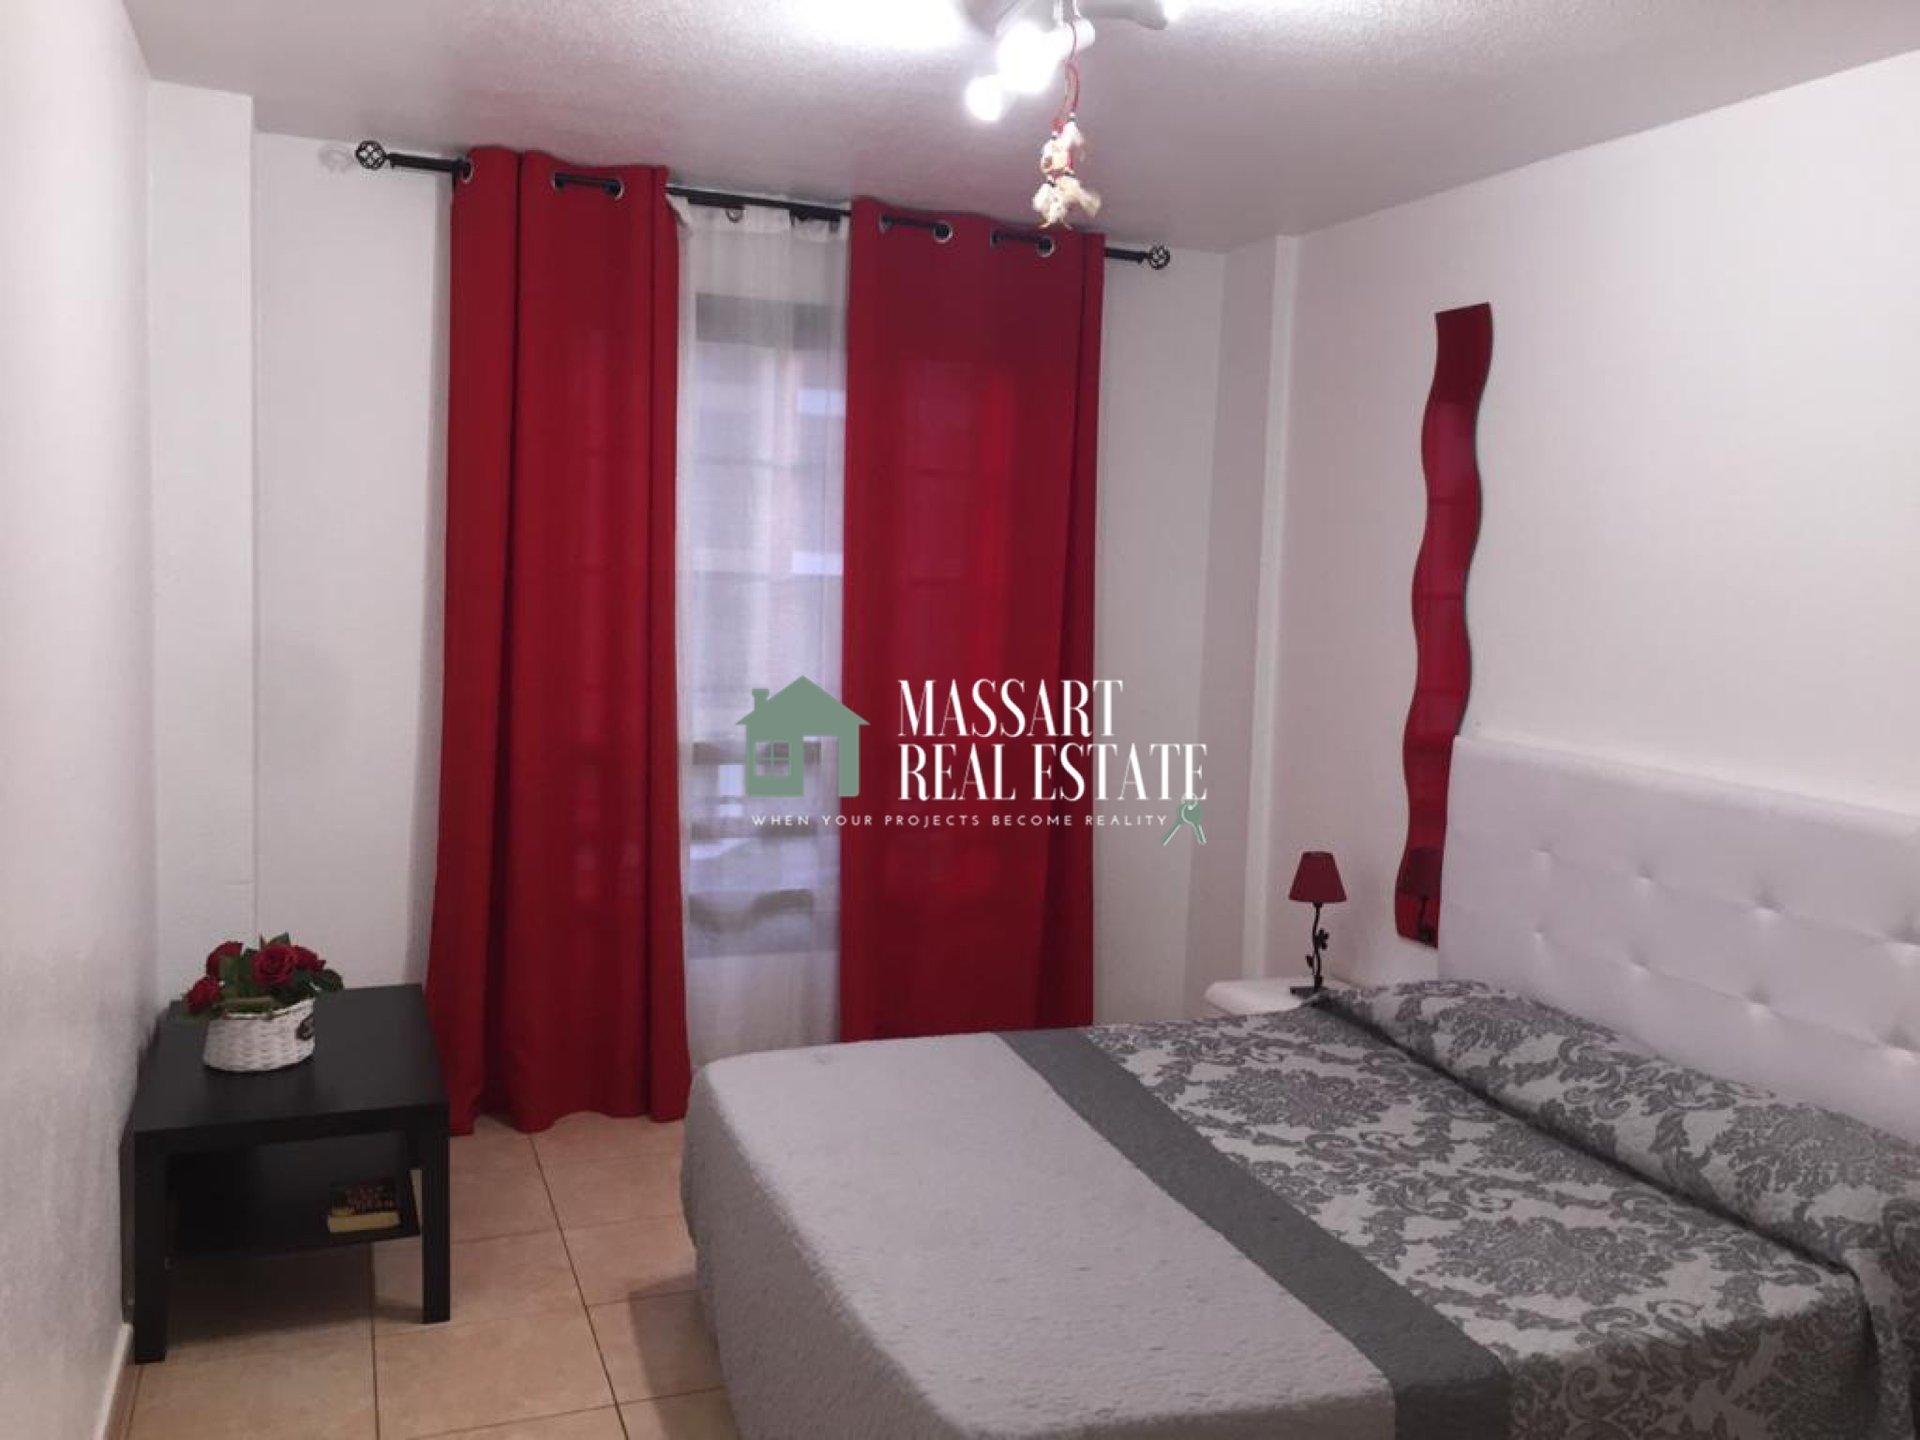 À vendre dans le quartier populaire de Los Cristianos, appartement meublé de 60 m2 avec un style de décoration particulier.